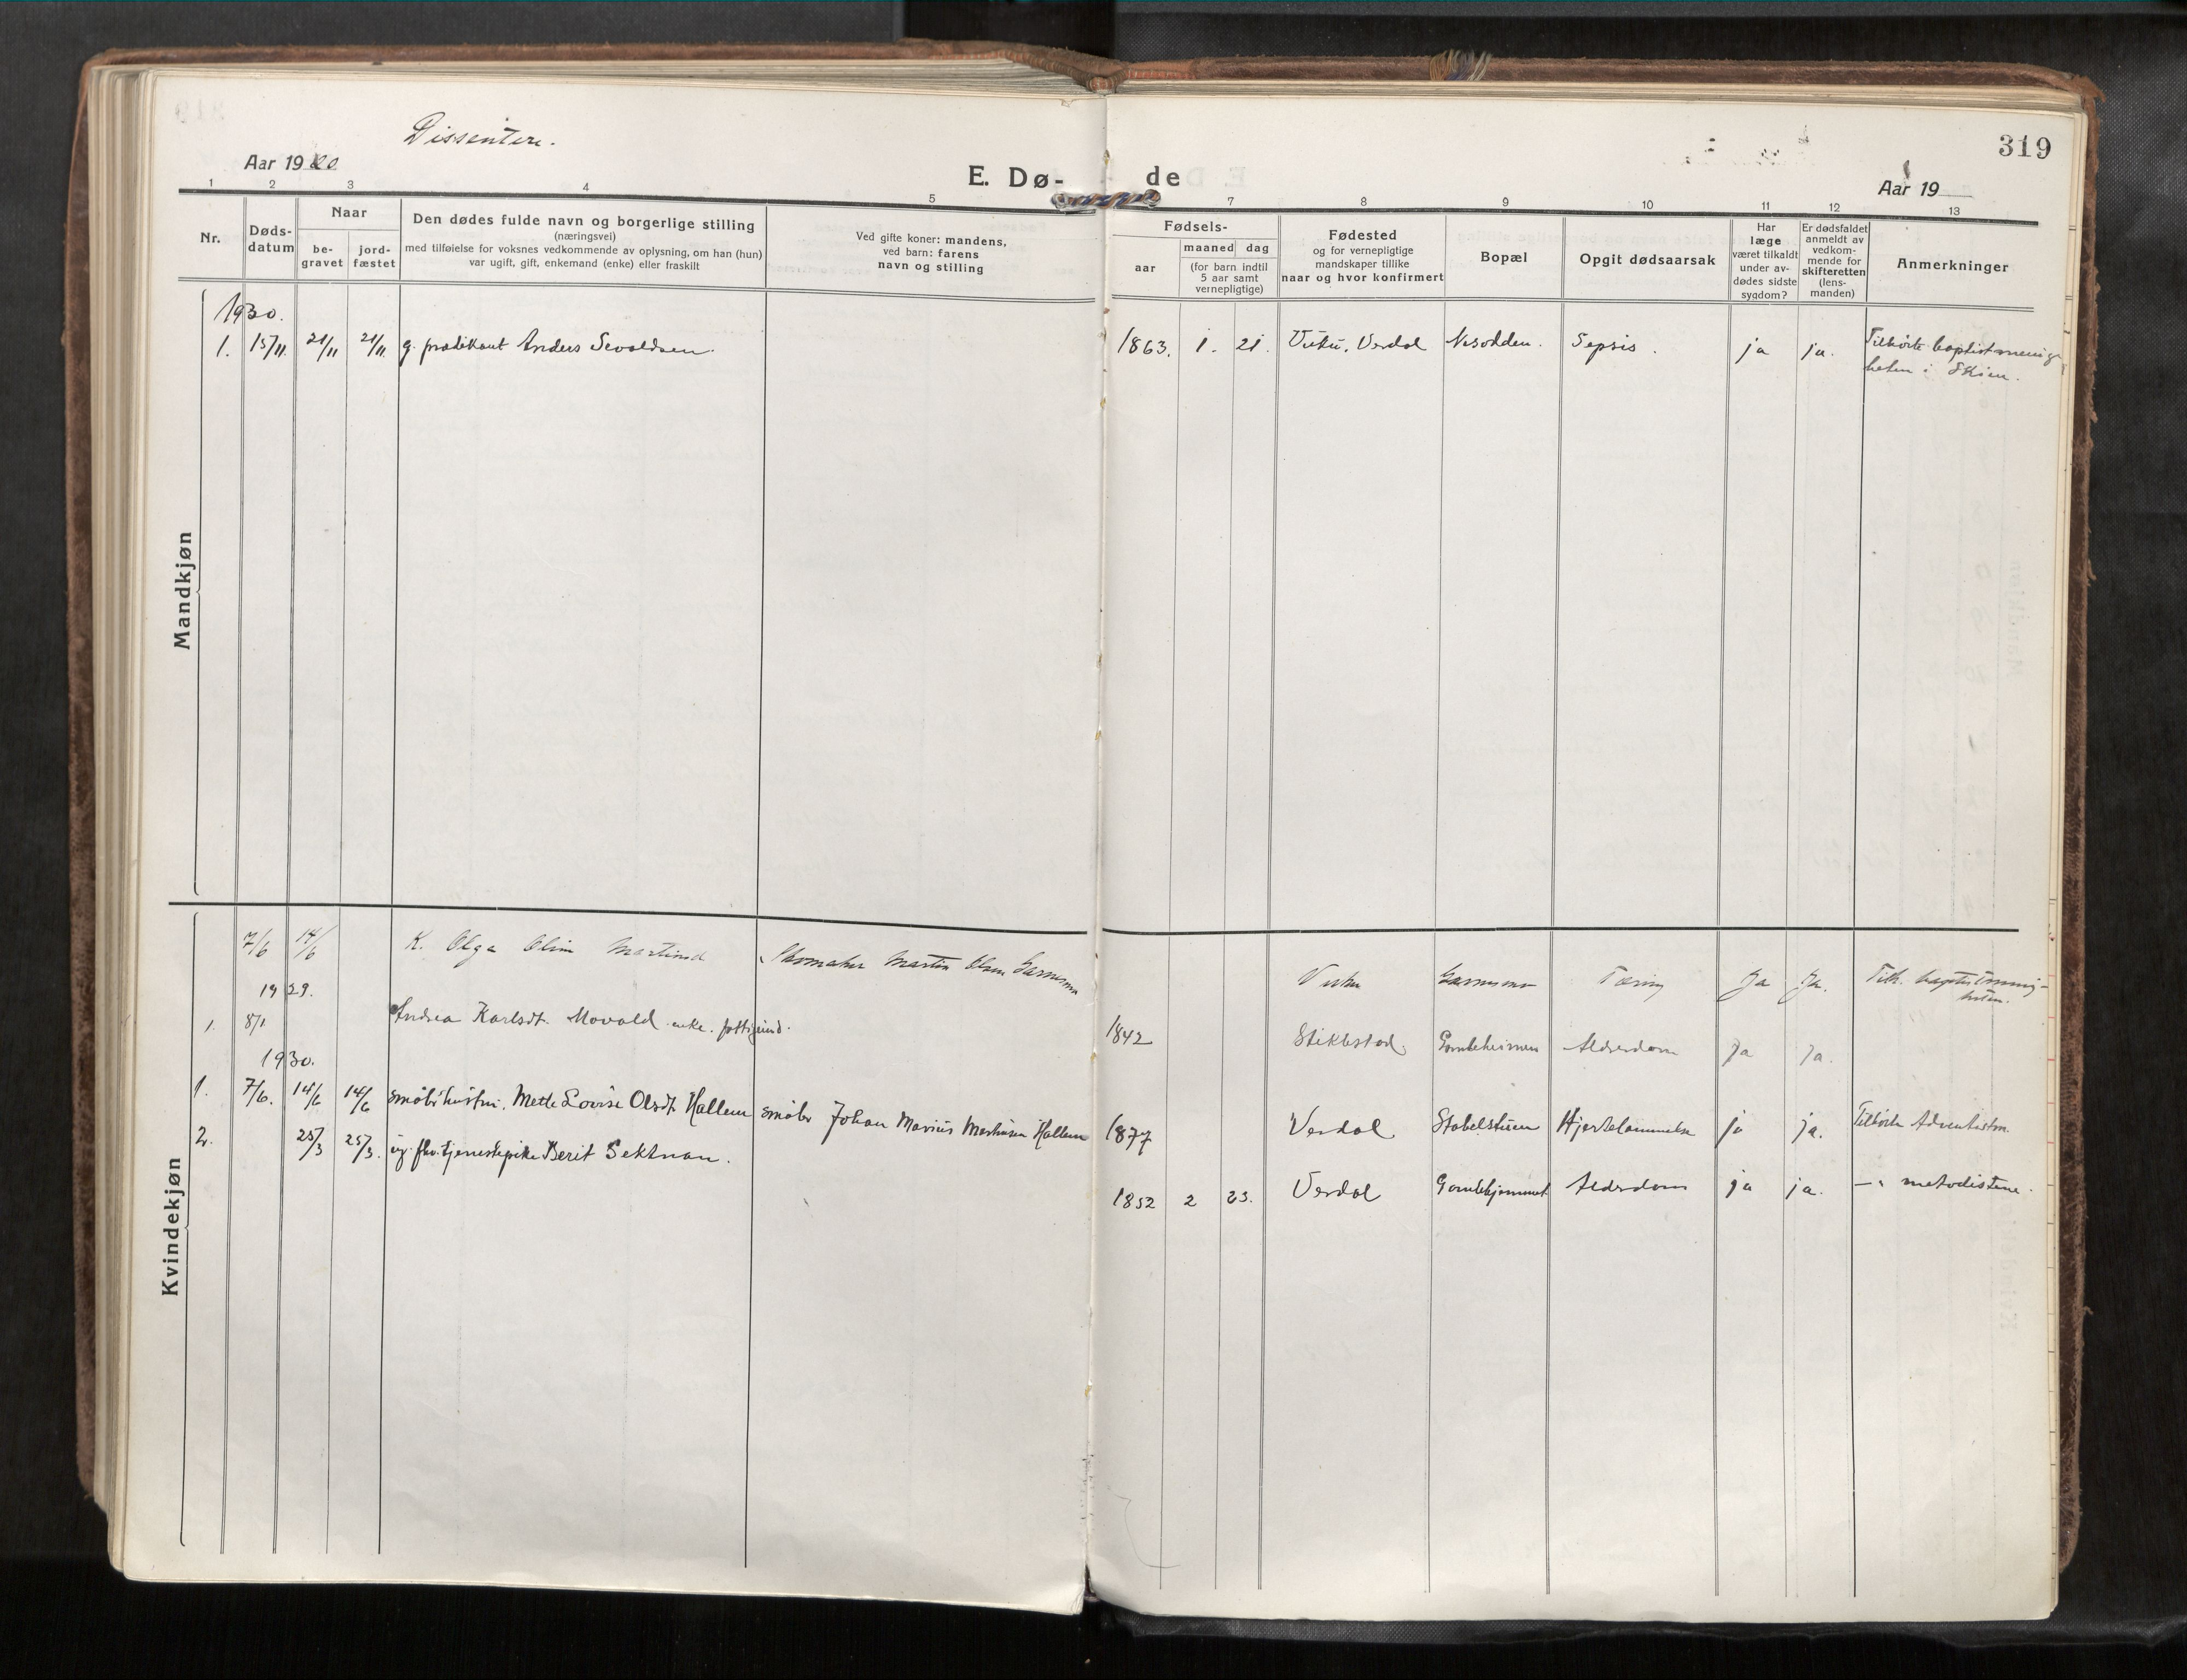 SAT, Verdal sokneprestkontor*, Parish register (official) no. 1, 1917-1932, p. 319